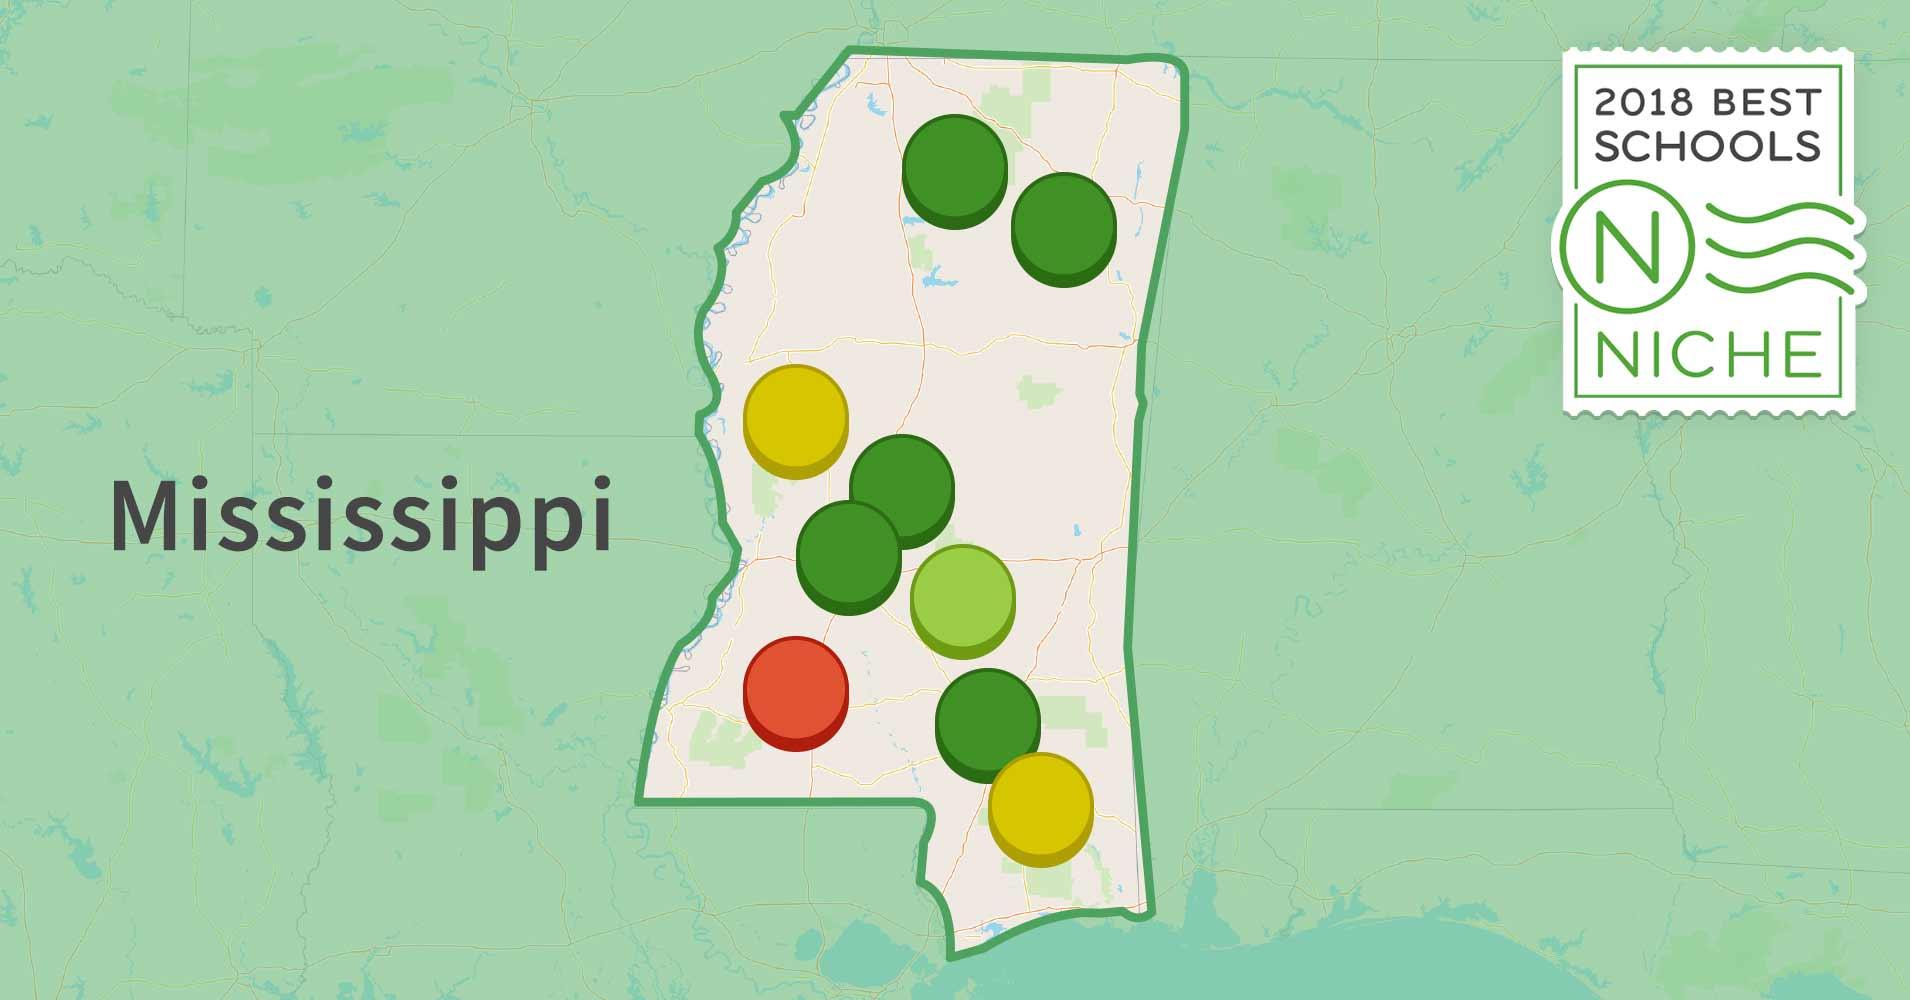 Mississippi scott county sebastopol - Mississippi Scott County Sebastopol 30